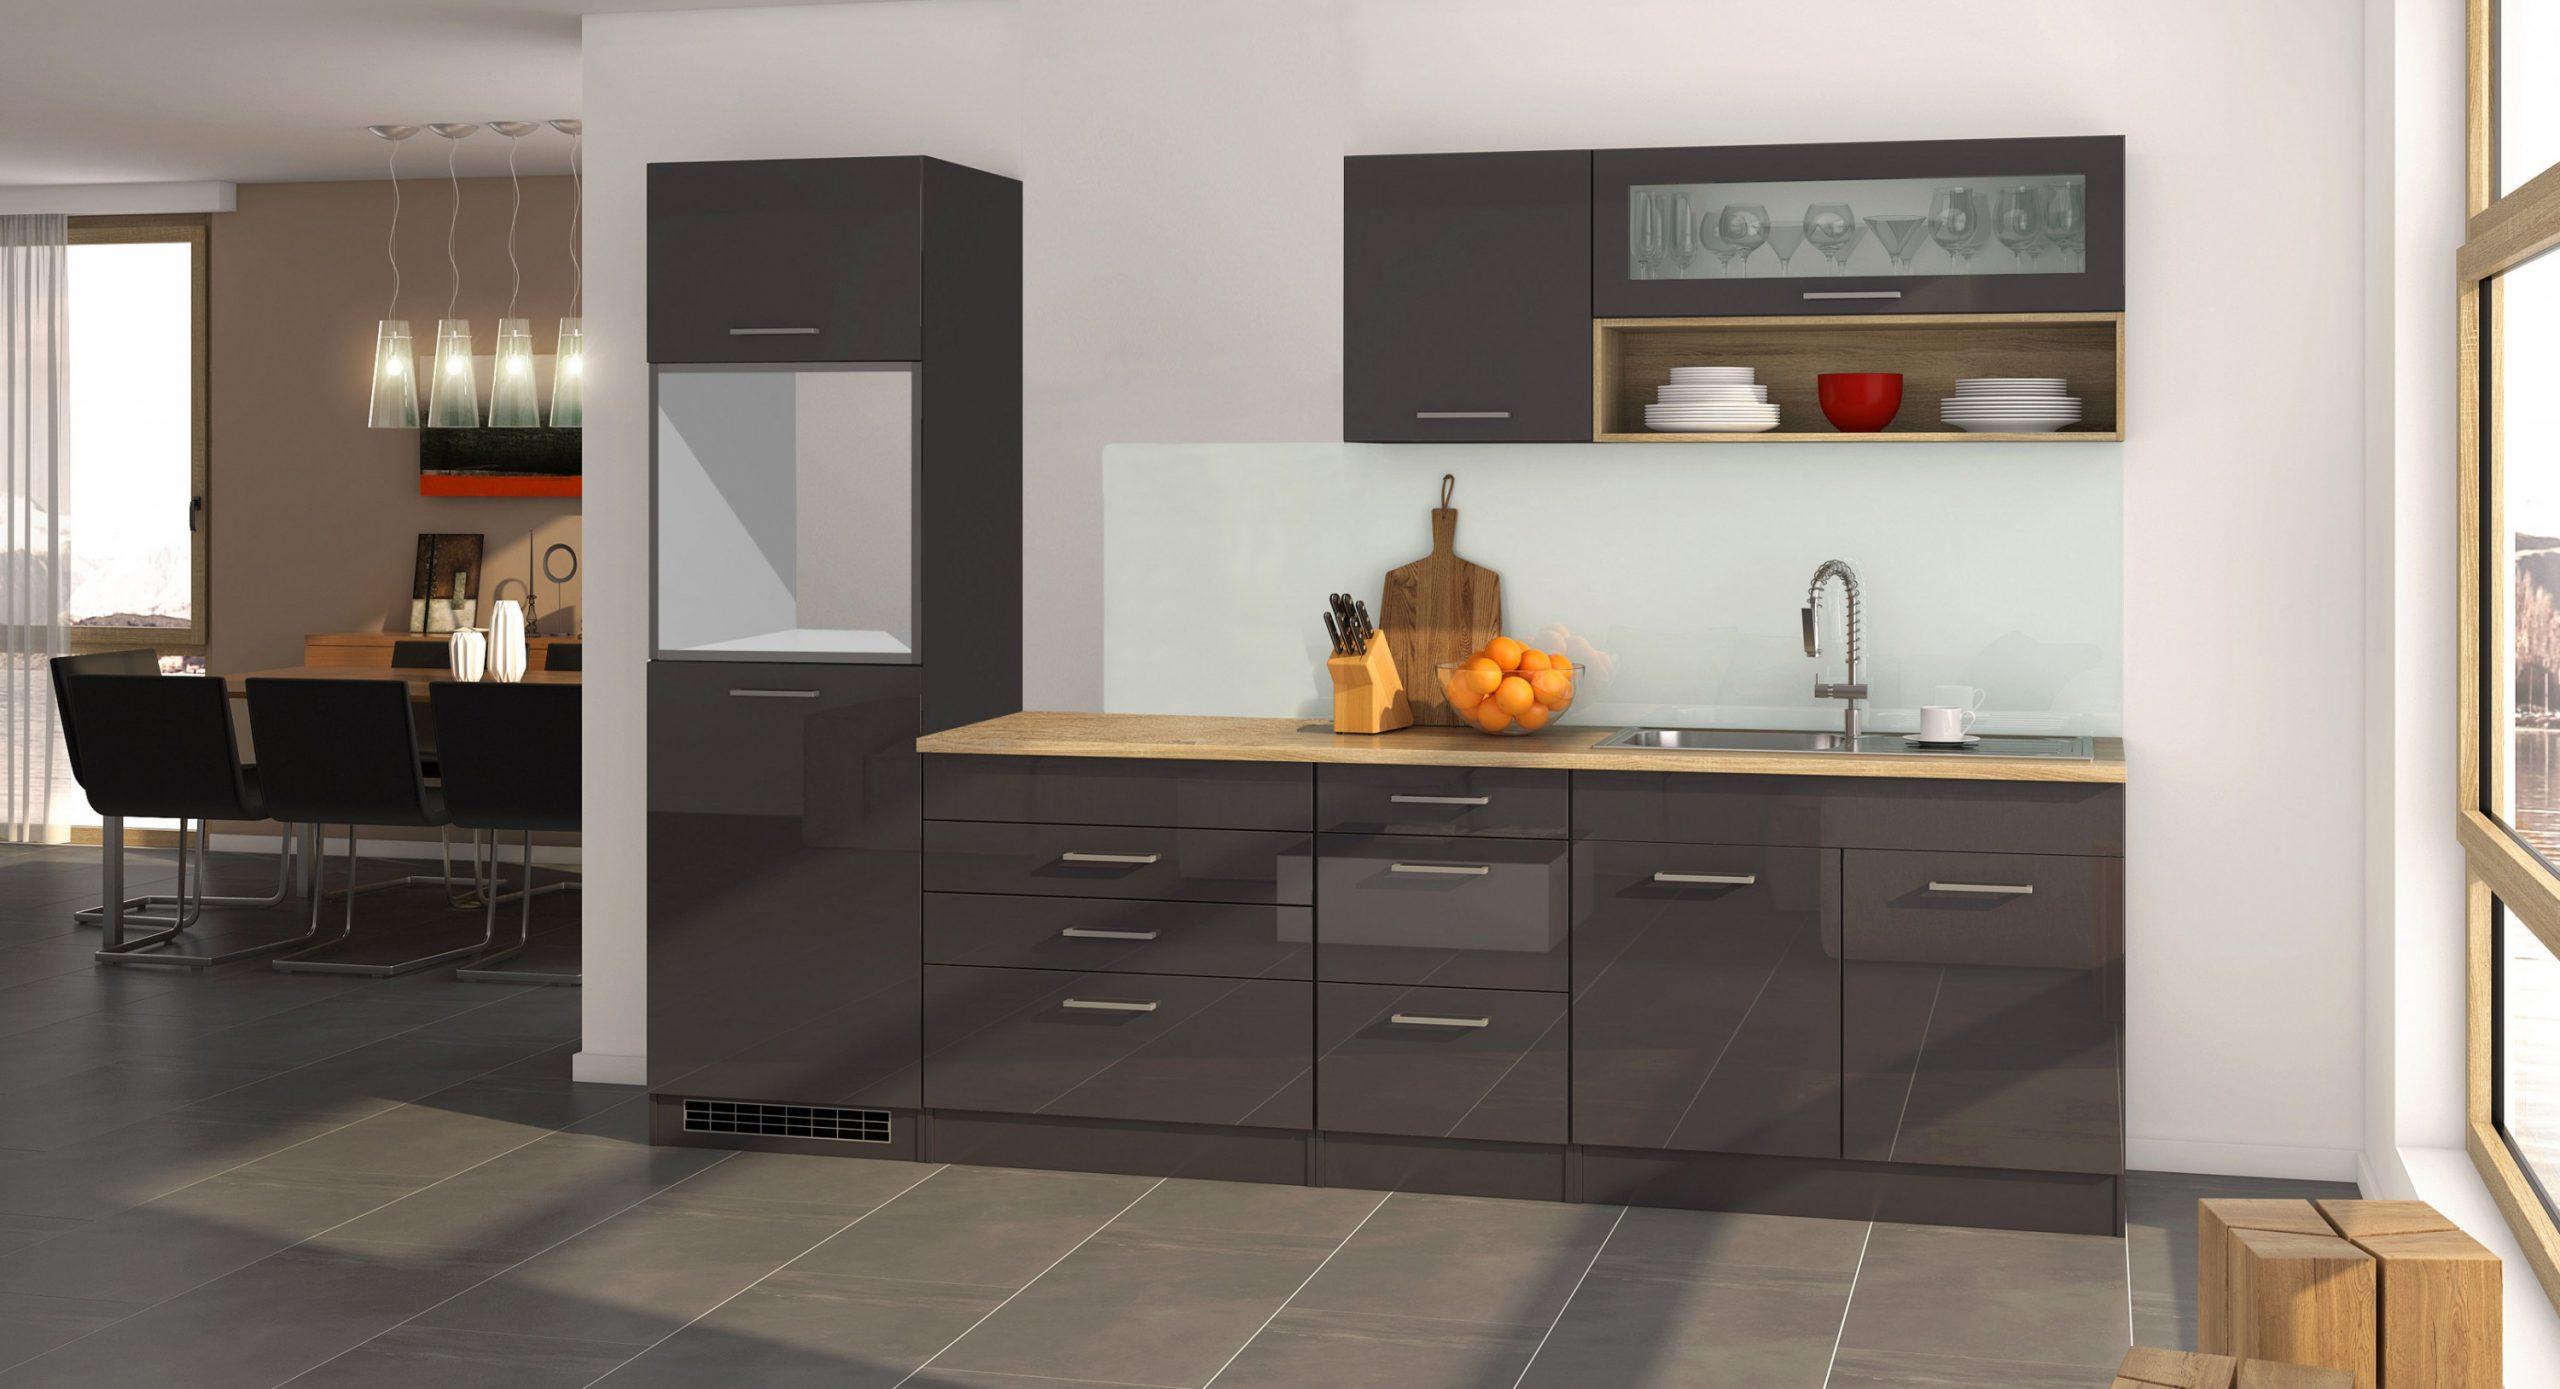 Full Size of Komplettküche Willhaben Komplettküche Günstige Komplettküche Komplettküche Billig Küche Einbauküche Ohne Kühlschrank